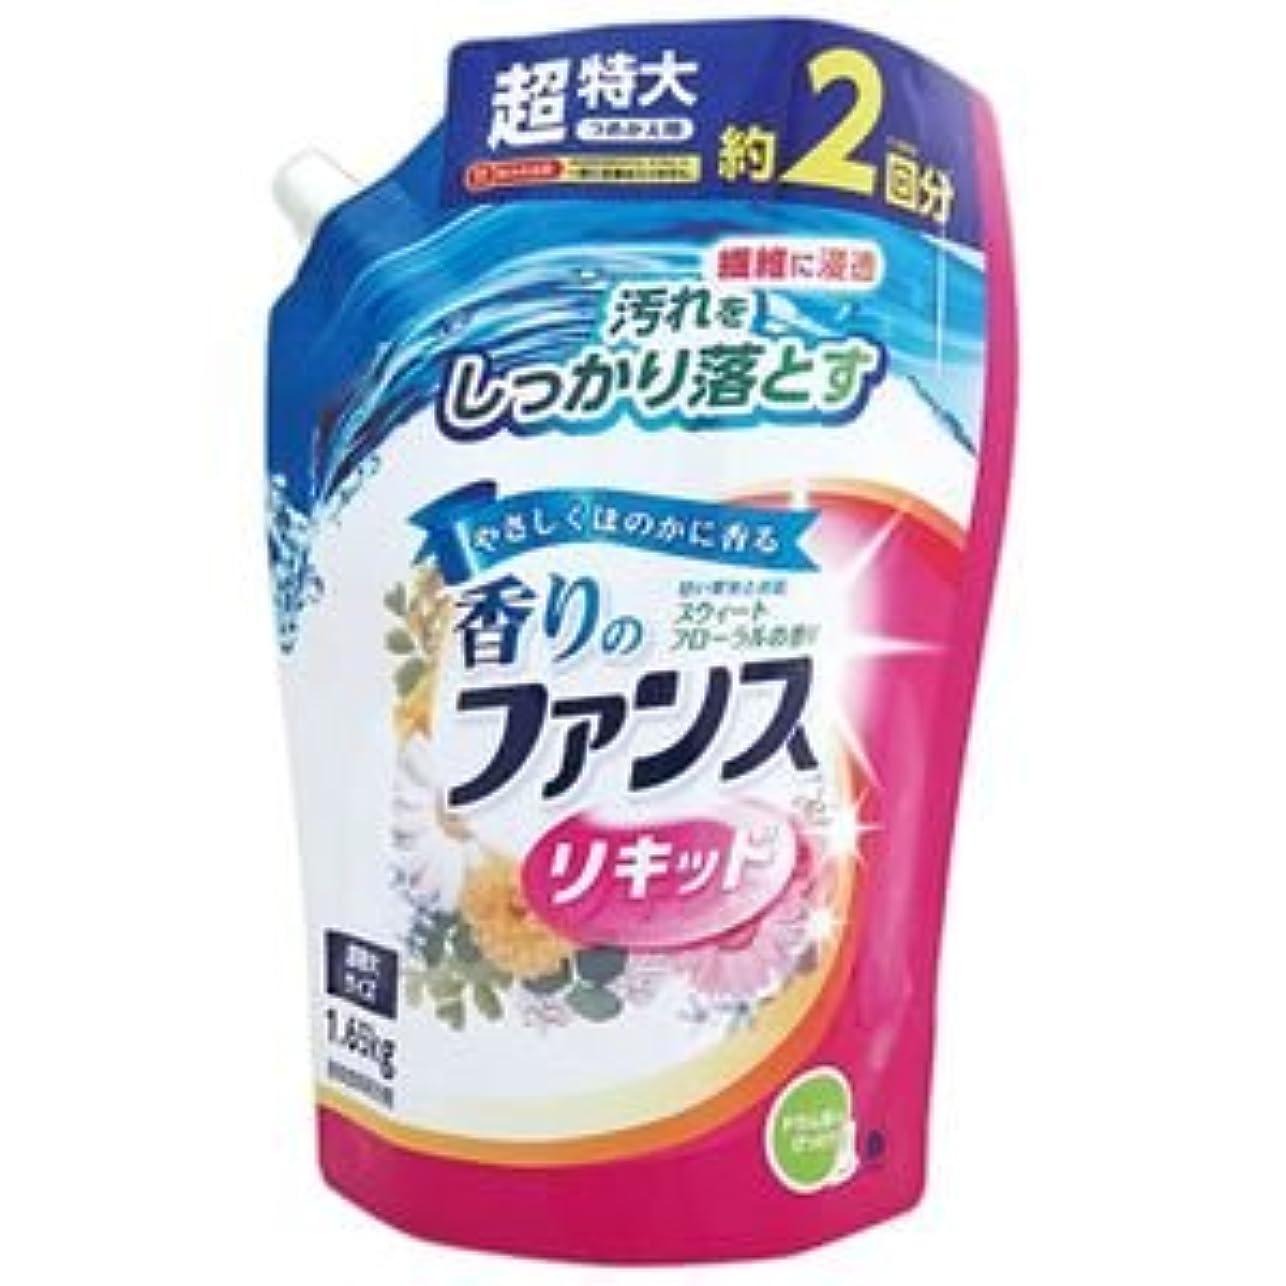 ボルトリテラシー変な(まとめ) 第一石鹸 香りのファンス 液体衣料用洗剤リキッド 詰替用 1.65kg 1セット(6個) 【×2セット】